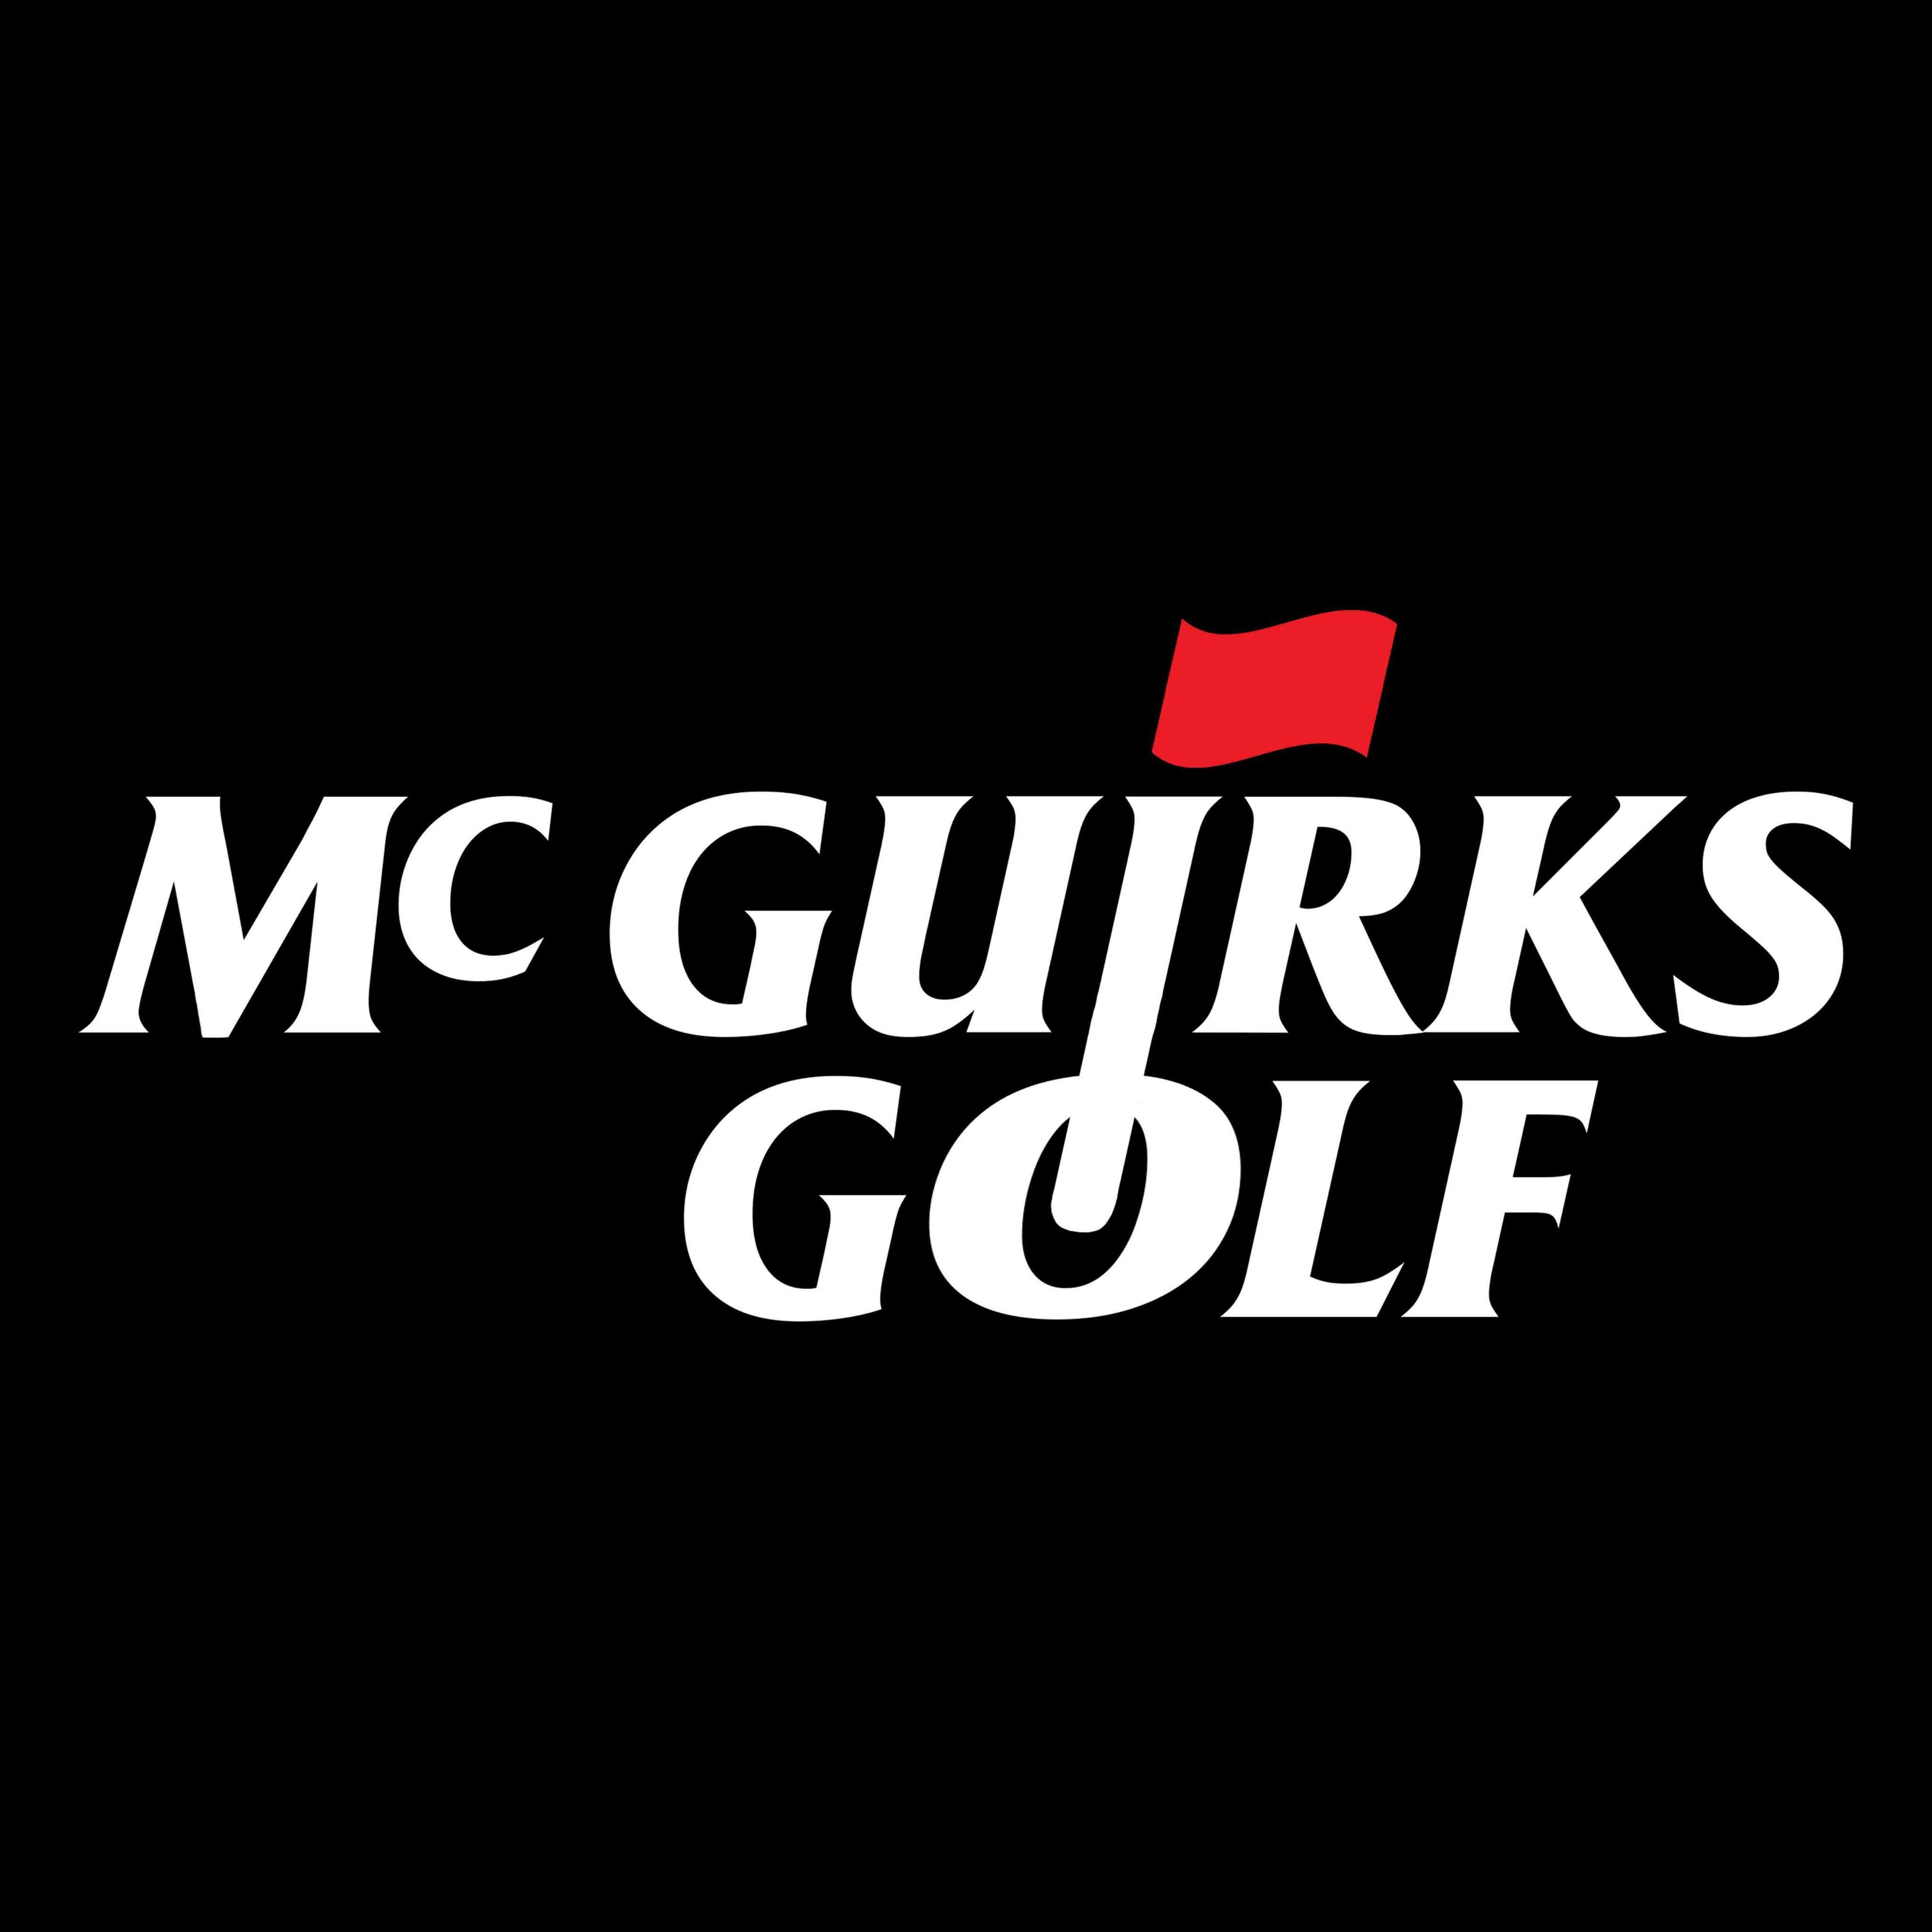 Mcguirks Golf At Mcguirksgolf Twitter